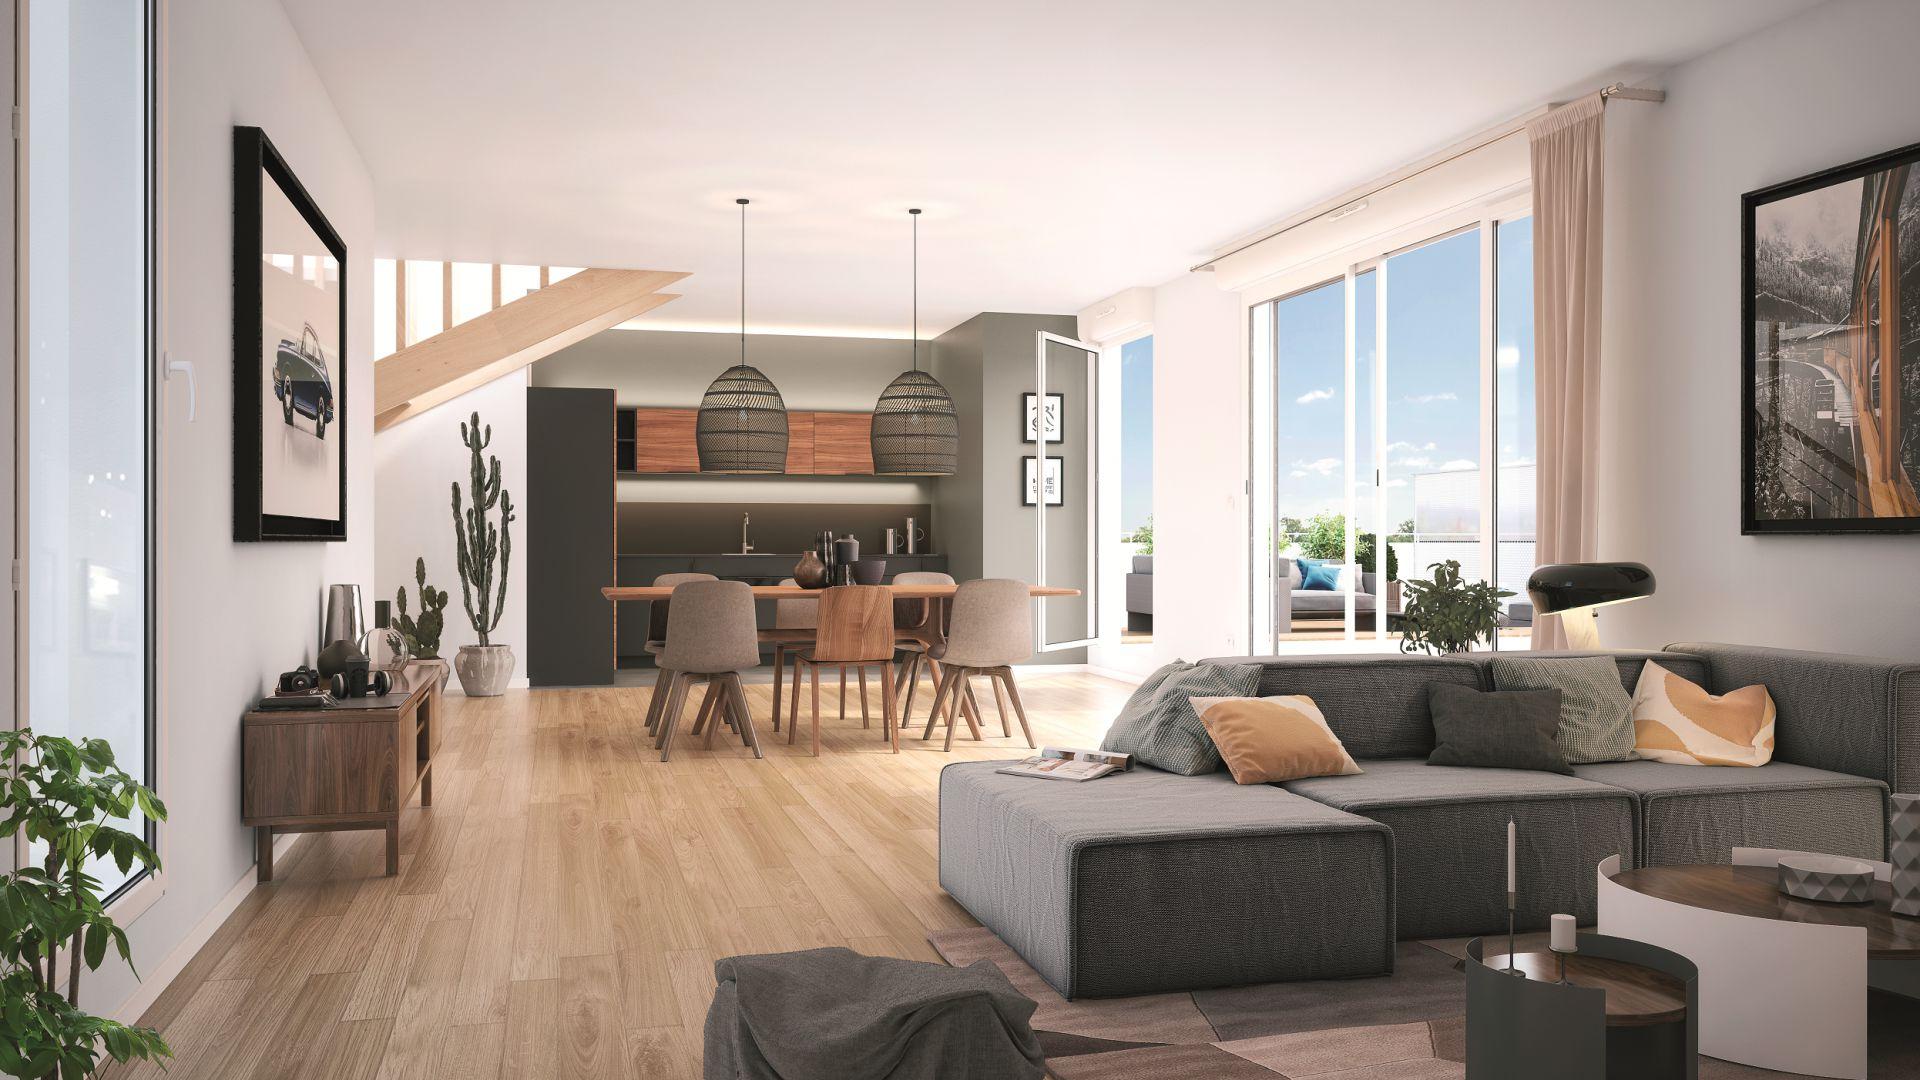 GreenCity Immobilier - Asnières sur seine - 92600 - Résidence Le Renan - appartements neufs du T2 au T5 Duplex - vue intérieure